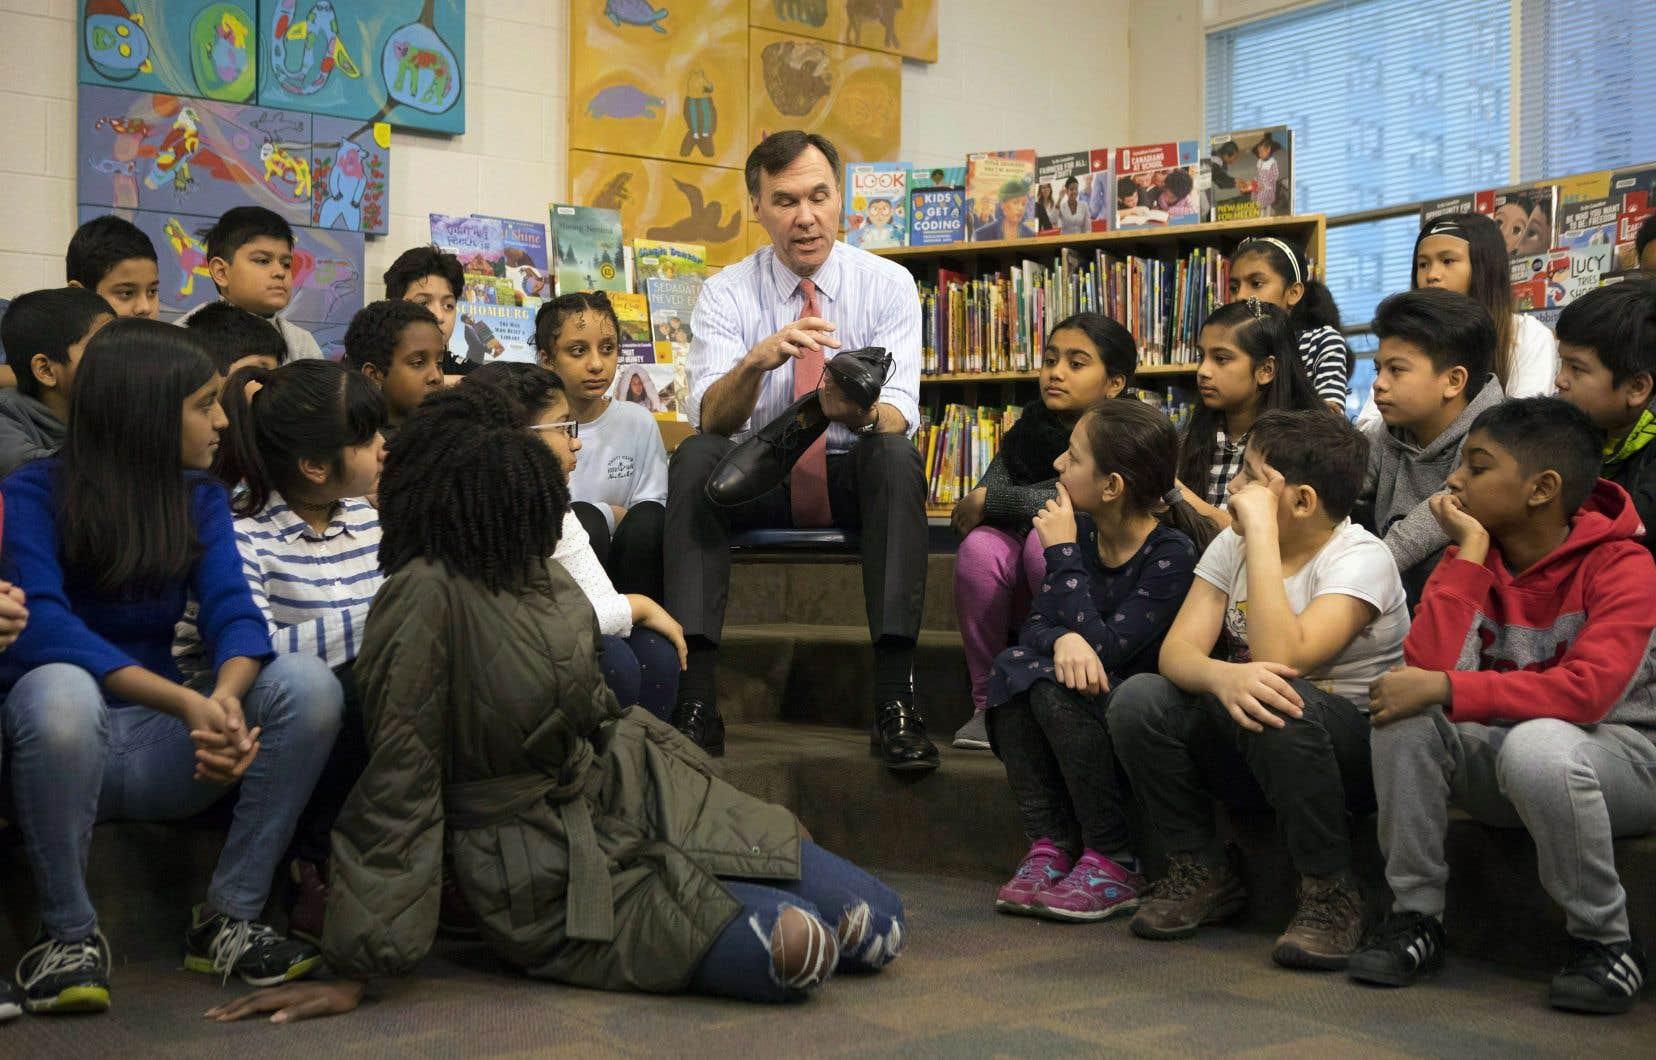 Bill Morneau a présenté ses nouvelles chaussures, conçues en Alberta et fabriquées au Mexique, à une classe du primaire de Toronto, jeudi.